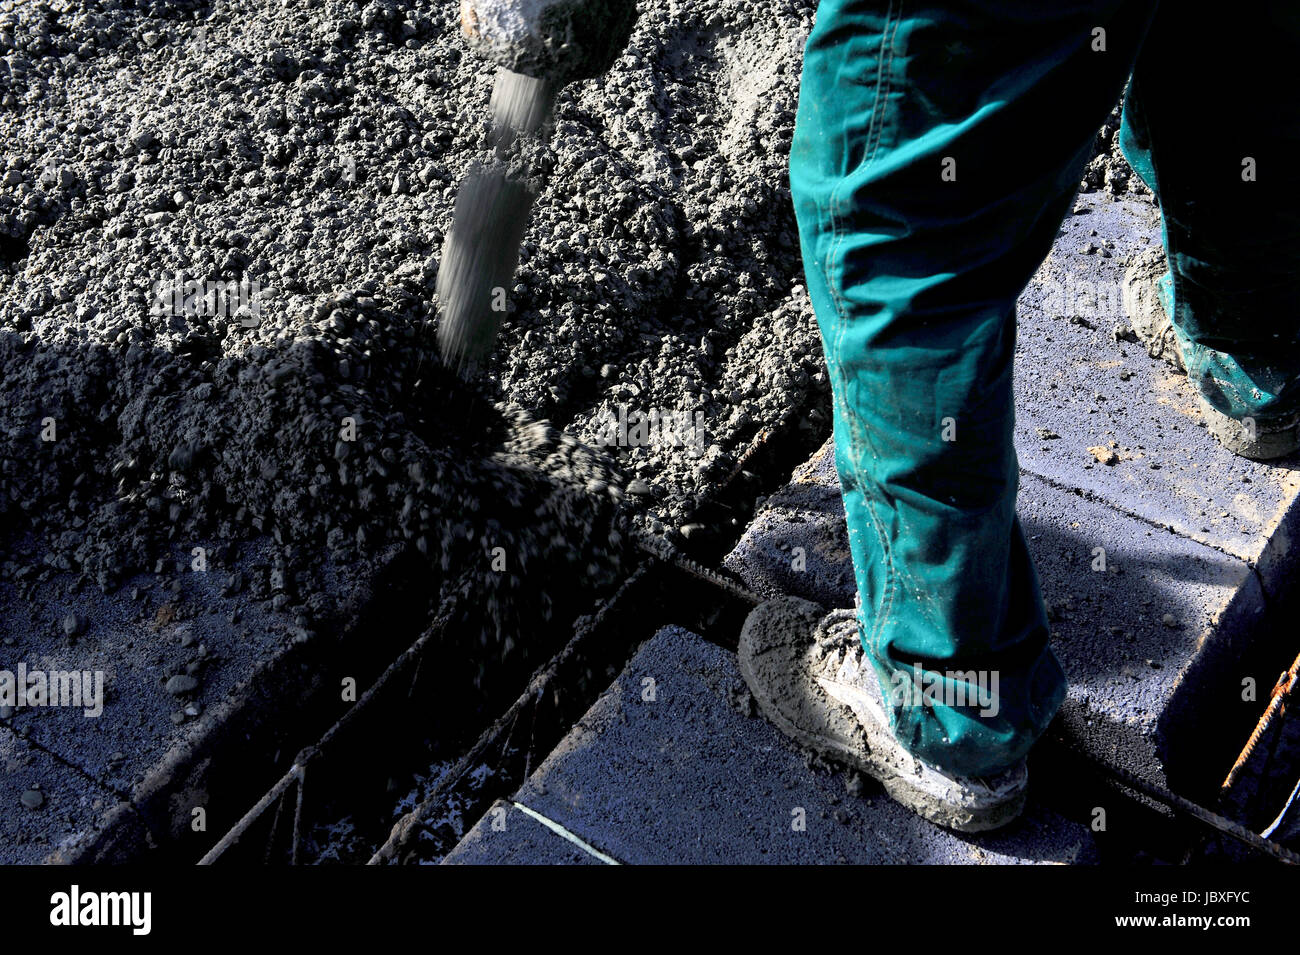 Bau, Beton, Betonieren, Dienstleistungen, Jobs, Job, Zement, Oberflächen, flach, porös, Haus, Decke, Überschwemmungen, Stockbild